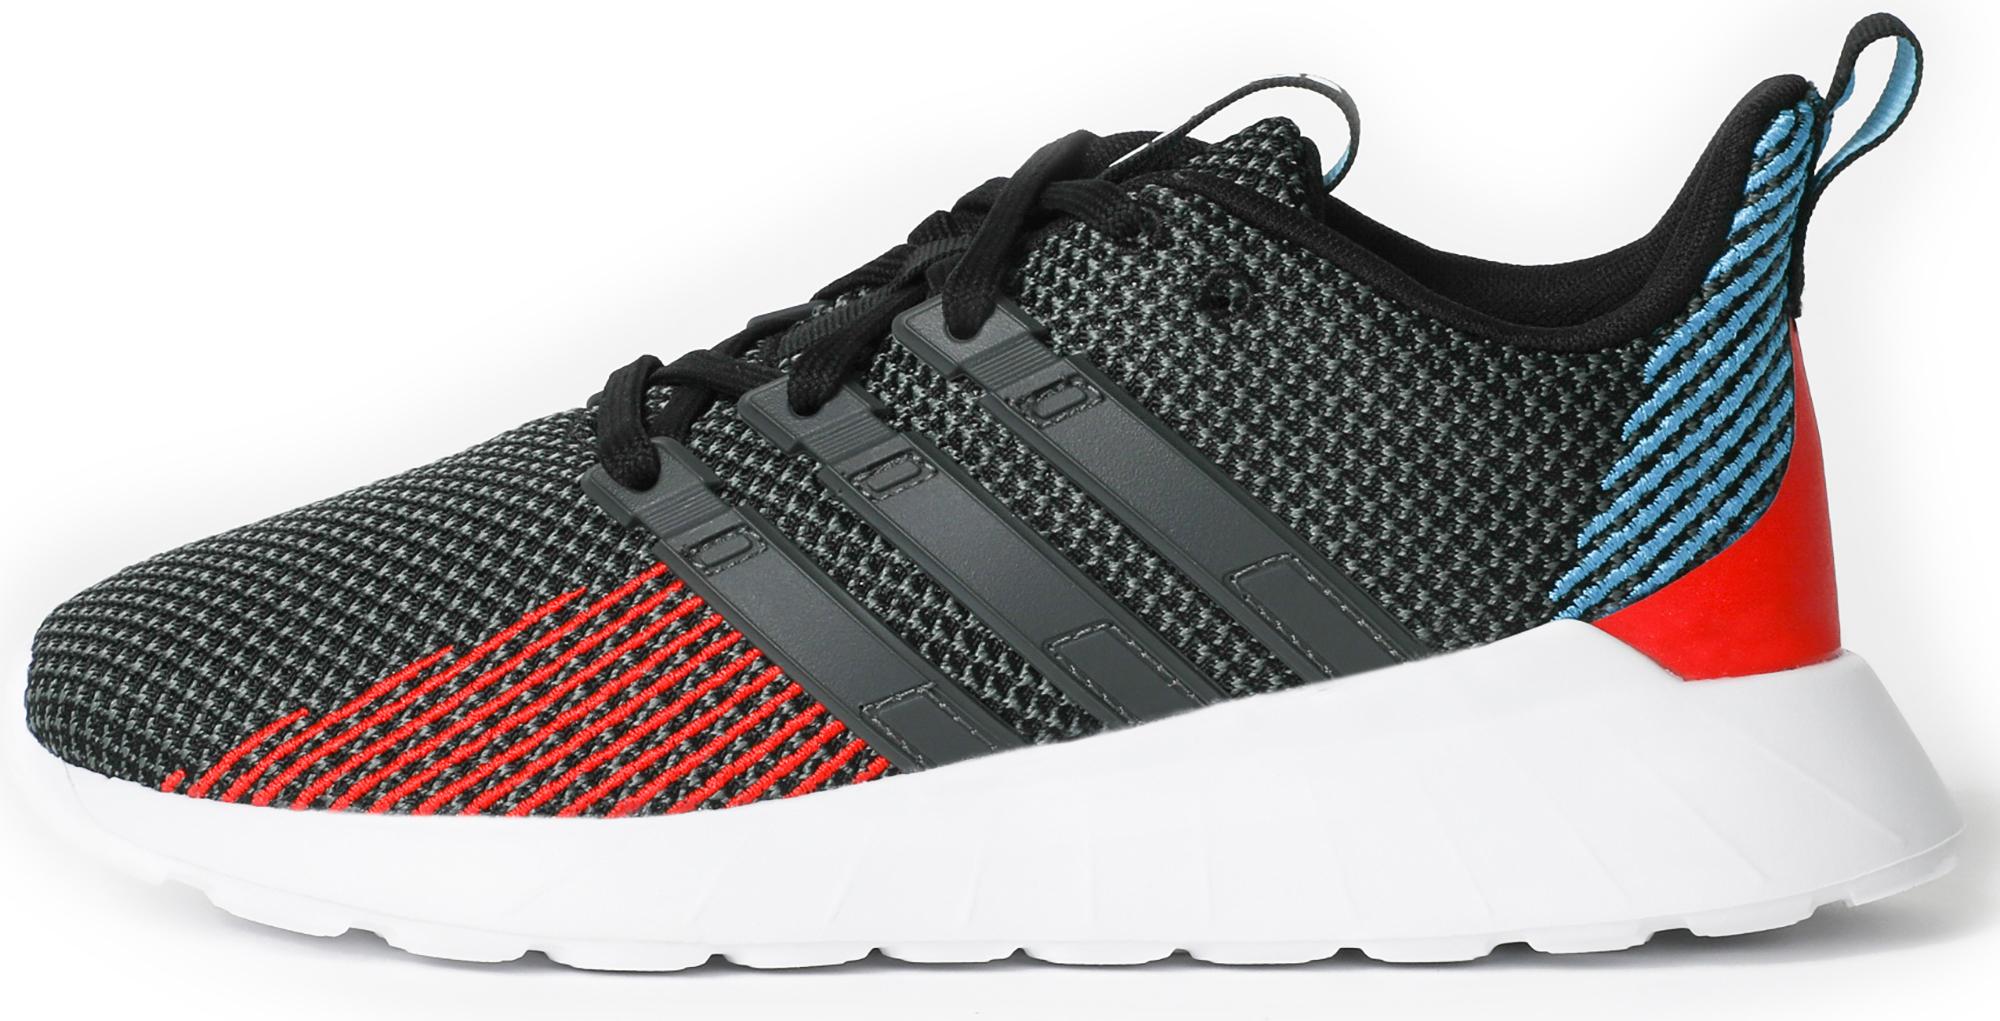 Adidas Кроссовки для мальчиков Adidas Questar Flow K, размер 35 кроссовки детские adidas цвет белый cg6708 размер 31 19